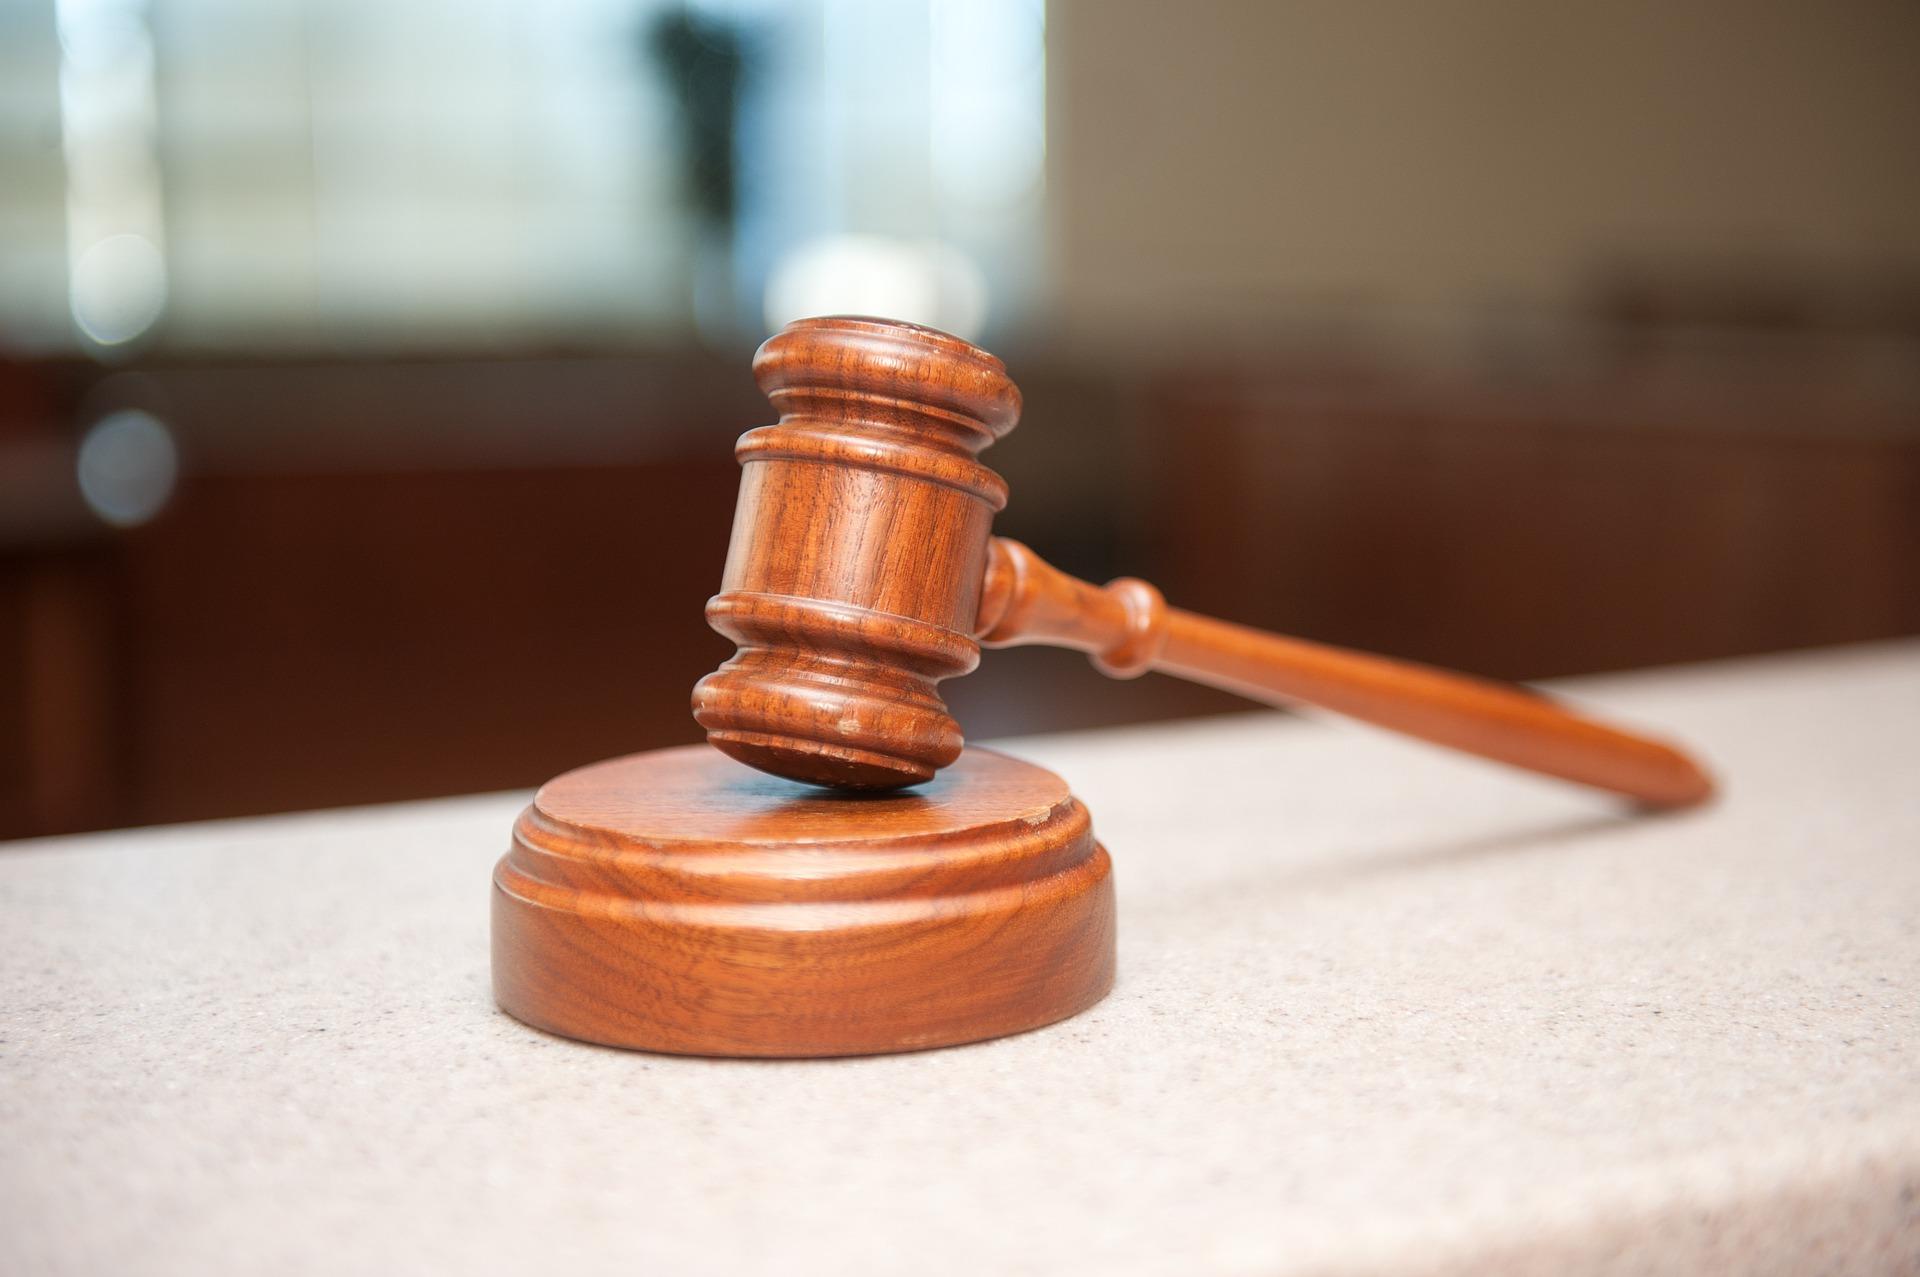 Ripple asegura que la demanda de la Comisión de Bolsa y Valores ha perjudicado a titulares de XRP sin conexión con la compañía